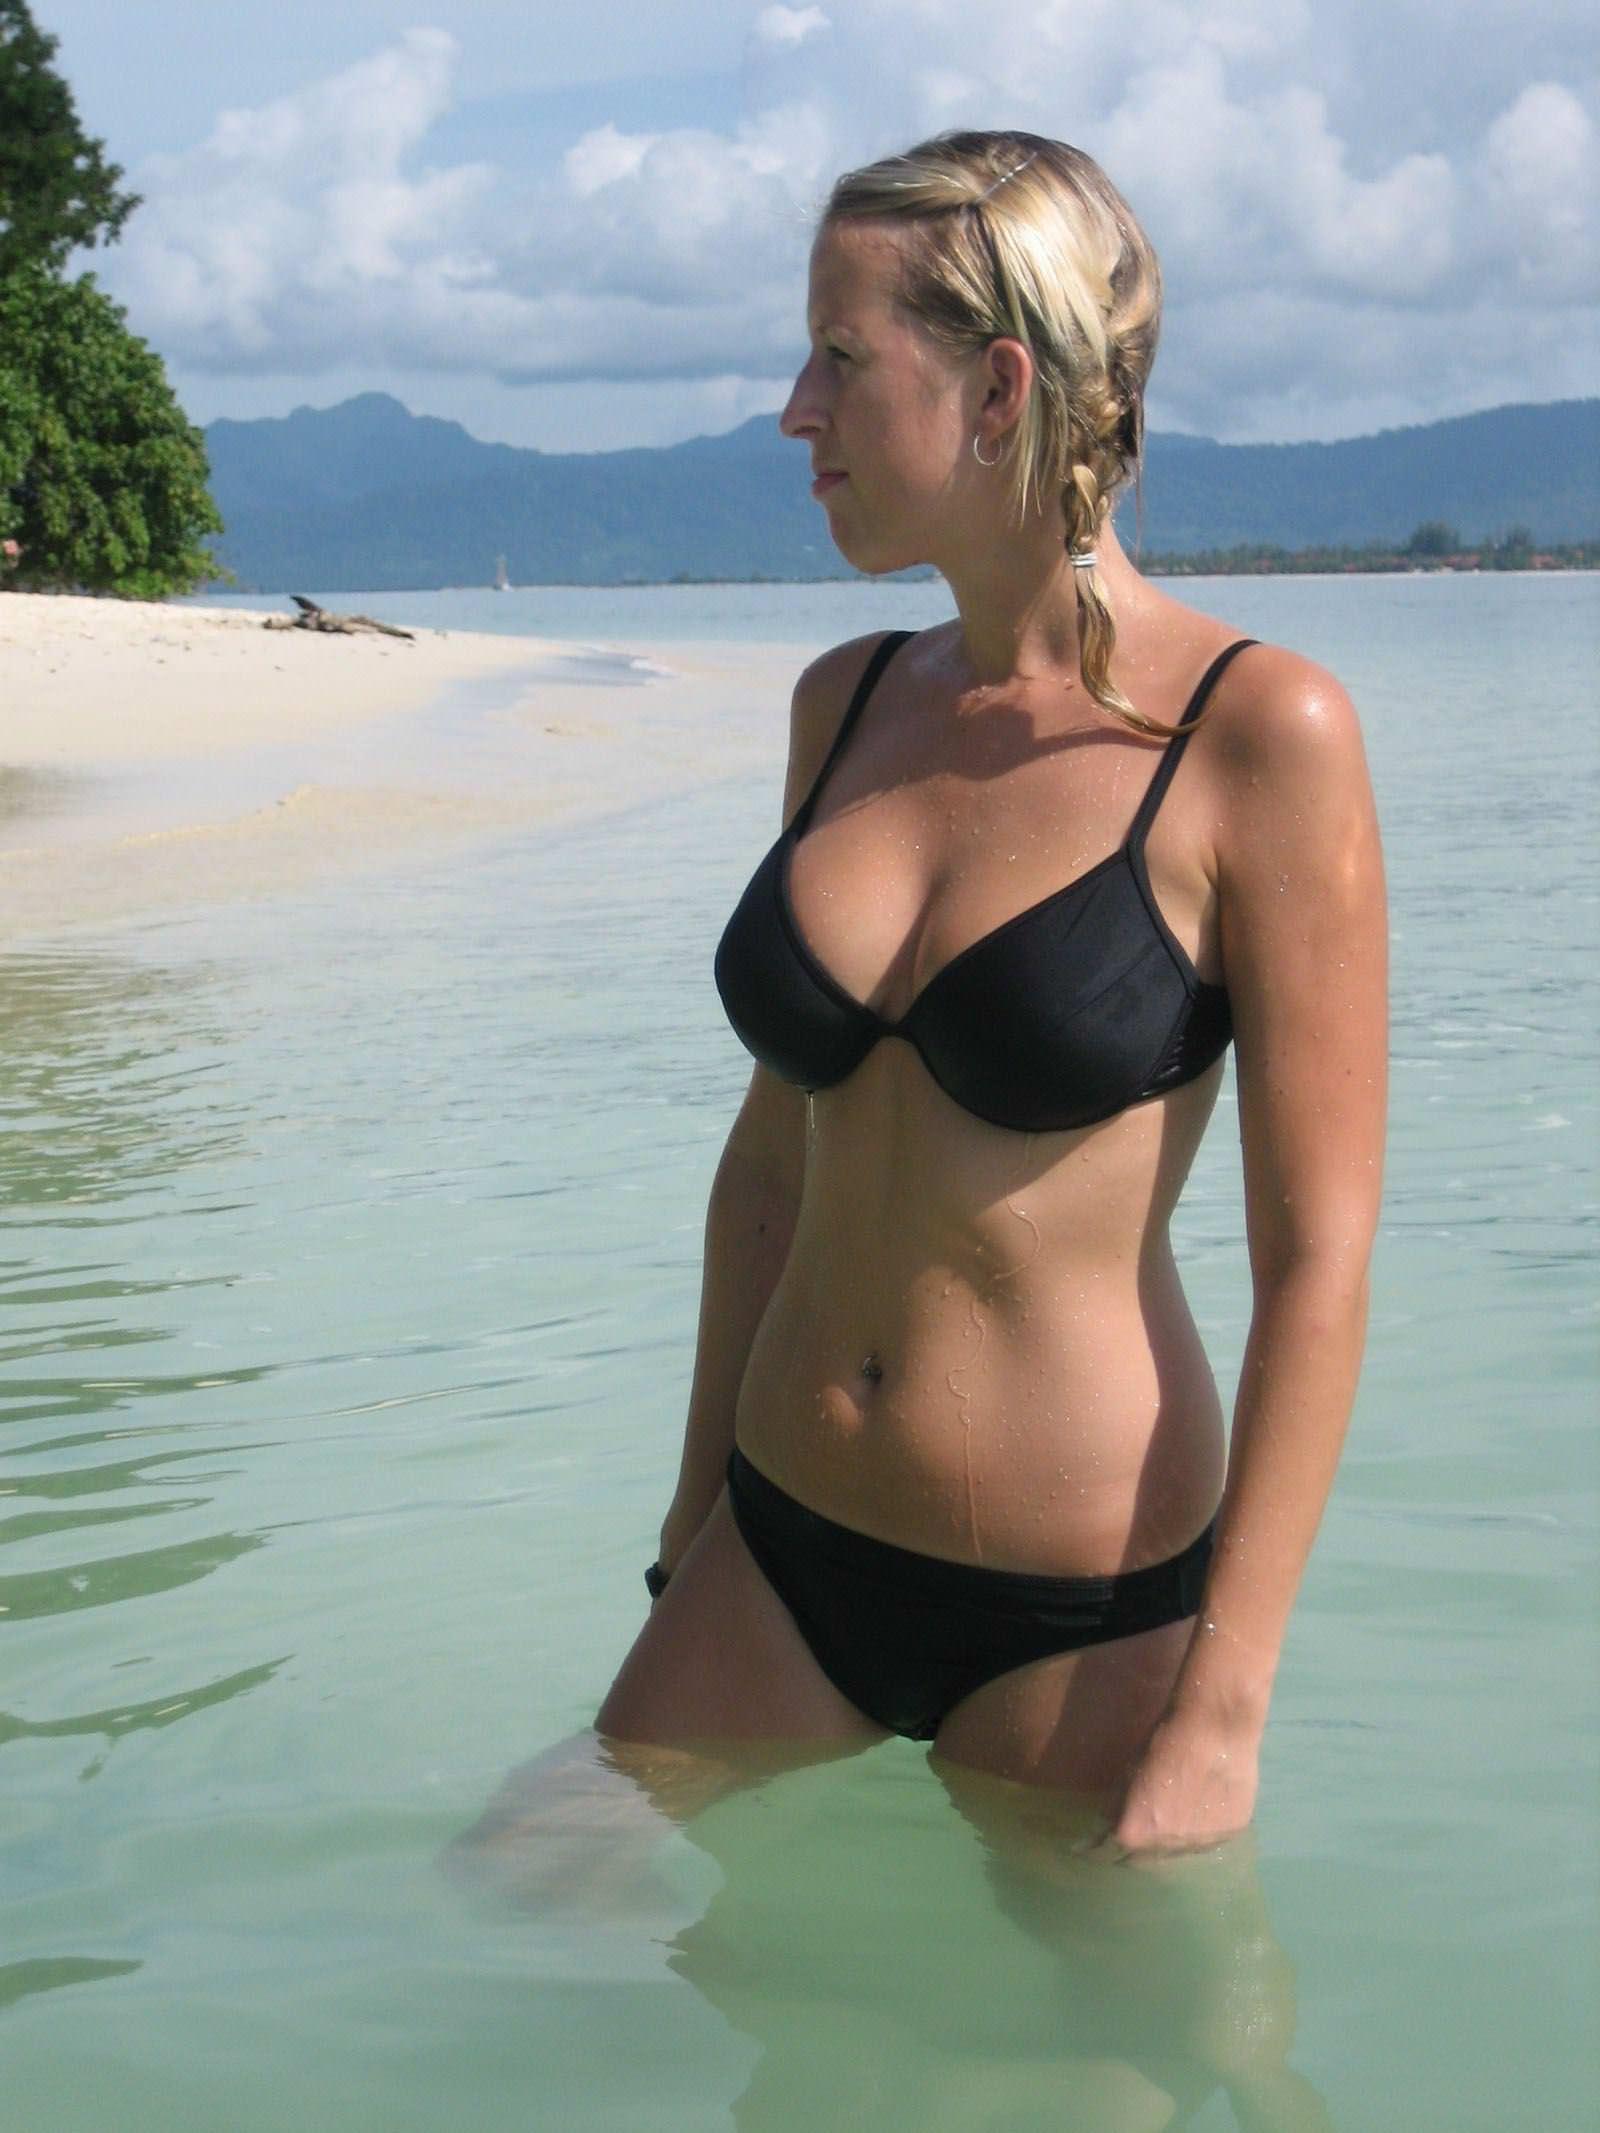 【外人】スウェーデンの金髪素人美女が彼氏とエッチして妊娠した姿を晒すポルノ画像 11150